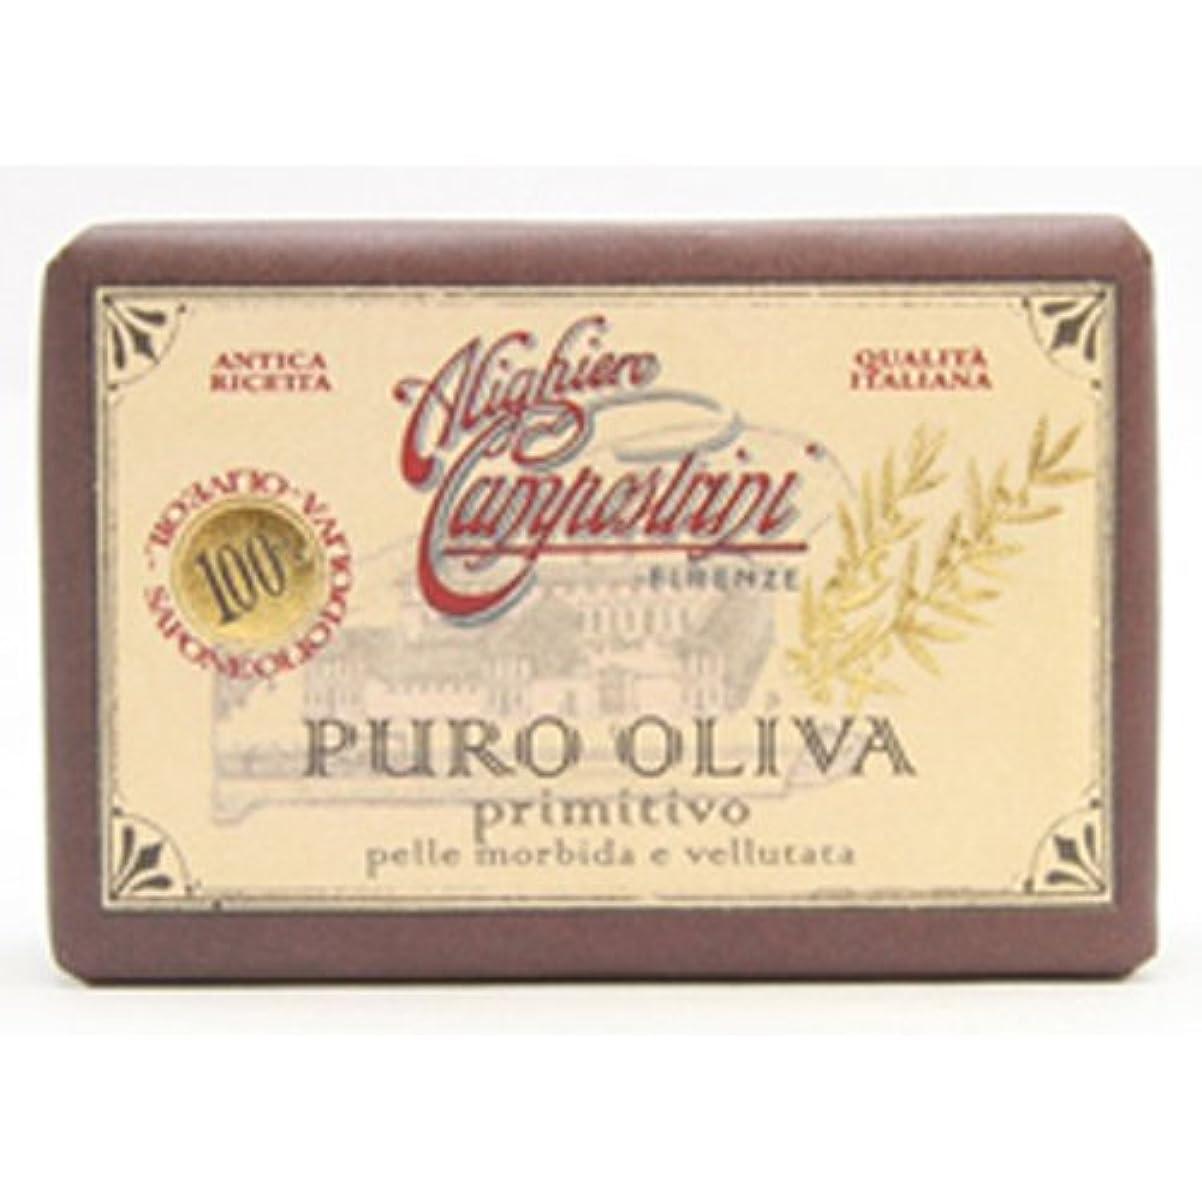 タクトタブレット仲人Saponerire Fissi サポネリーフィッシー PURO OLIVA Soap オリーブオイル ピュロ ソープ primitivo オリジナル 150g